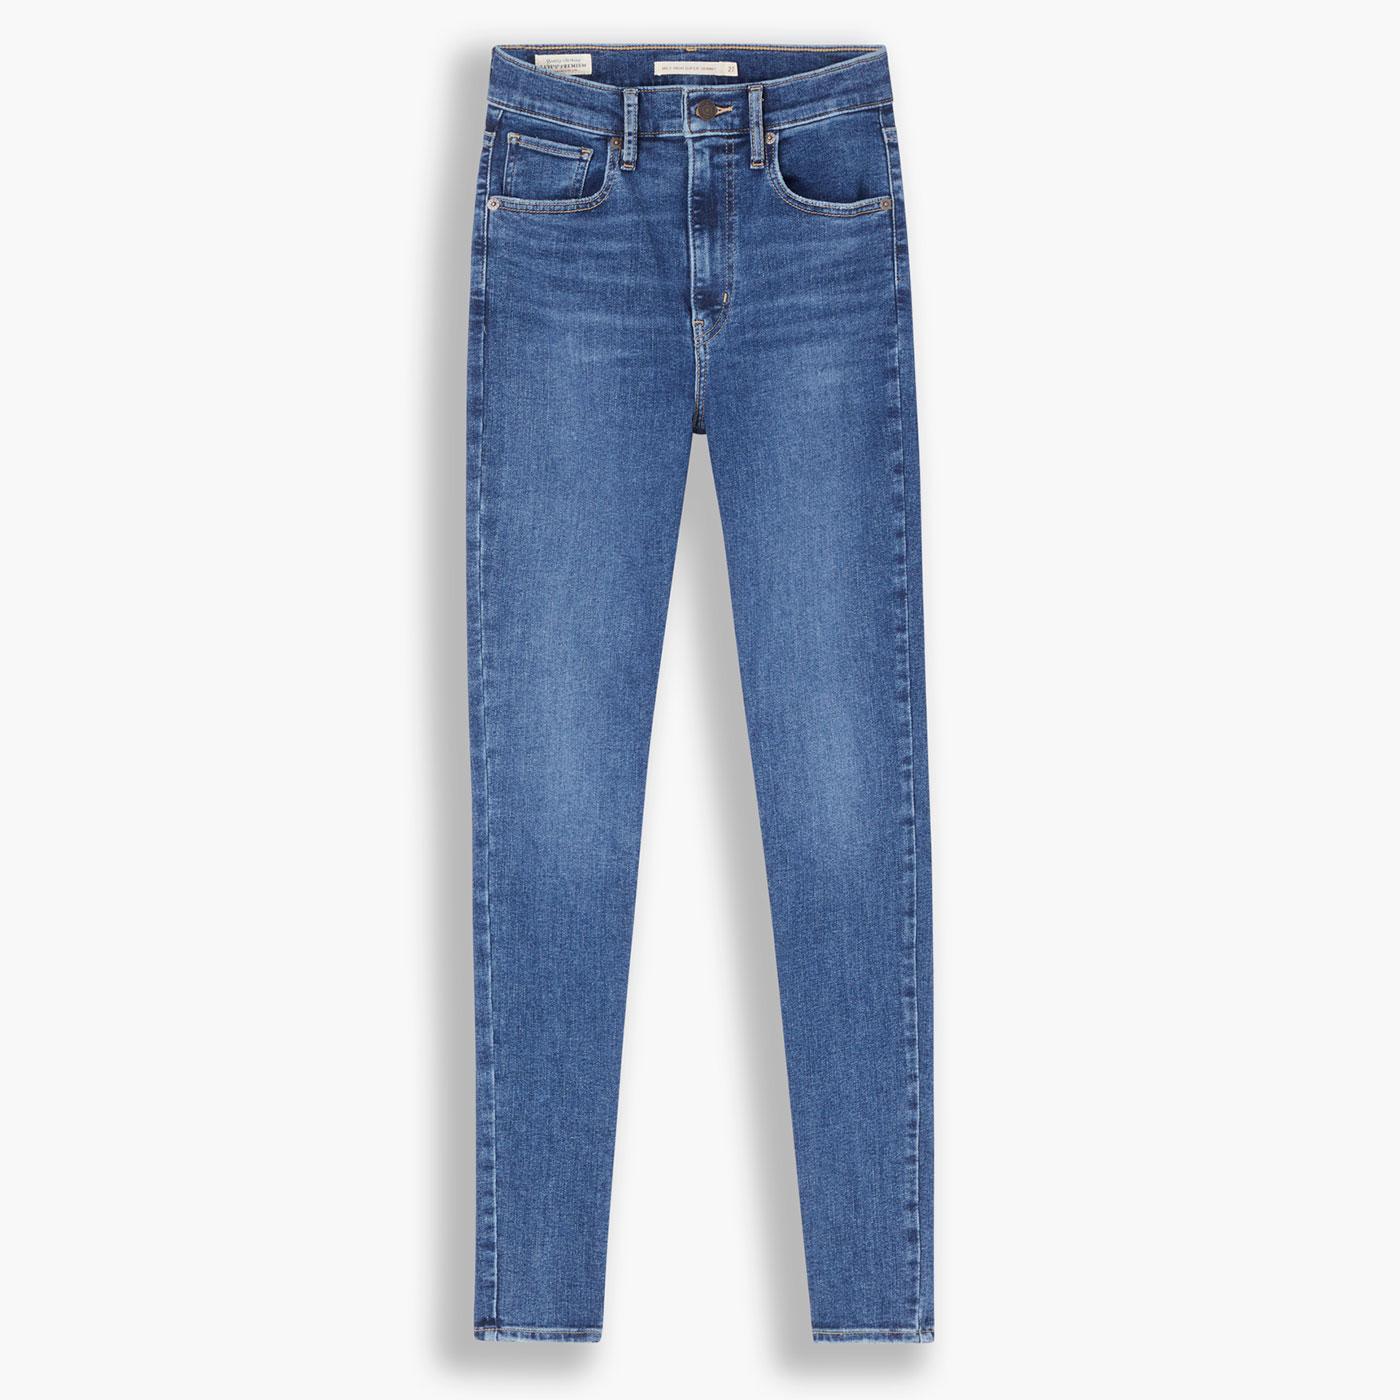 LEVI'S Mile High Women's Super Skinny Jeans (VFR)